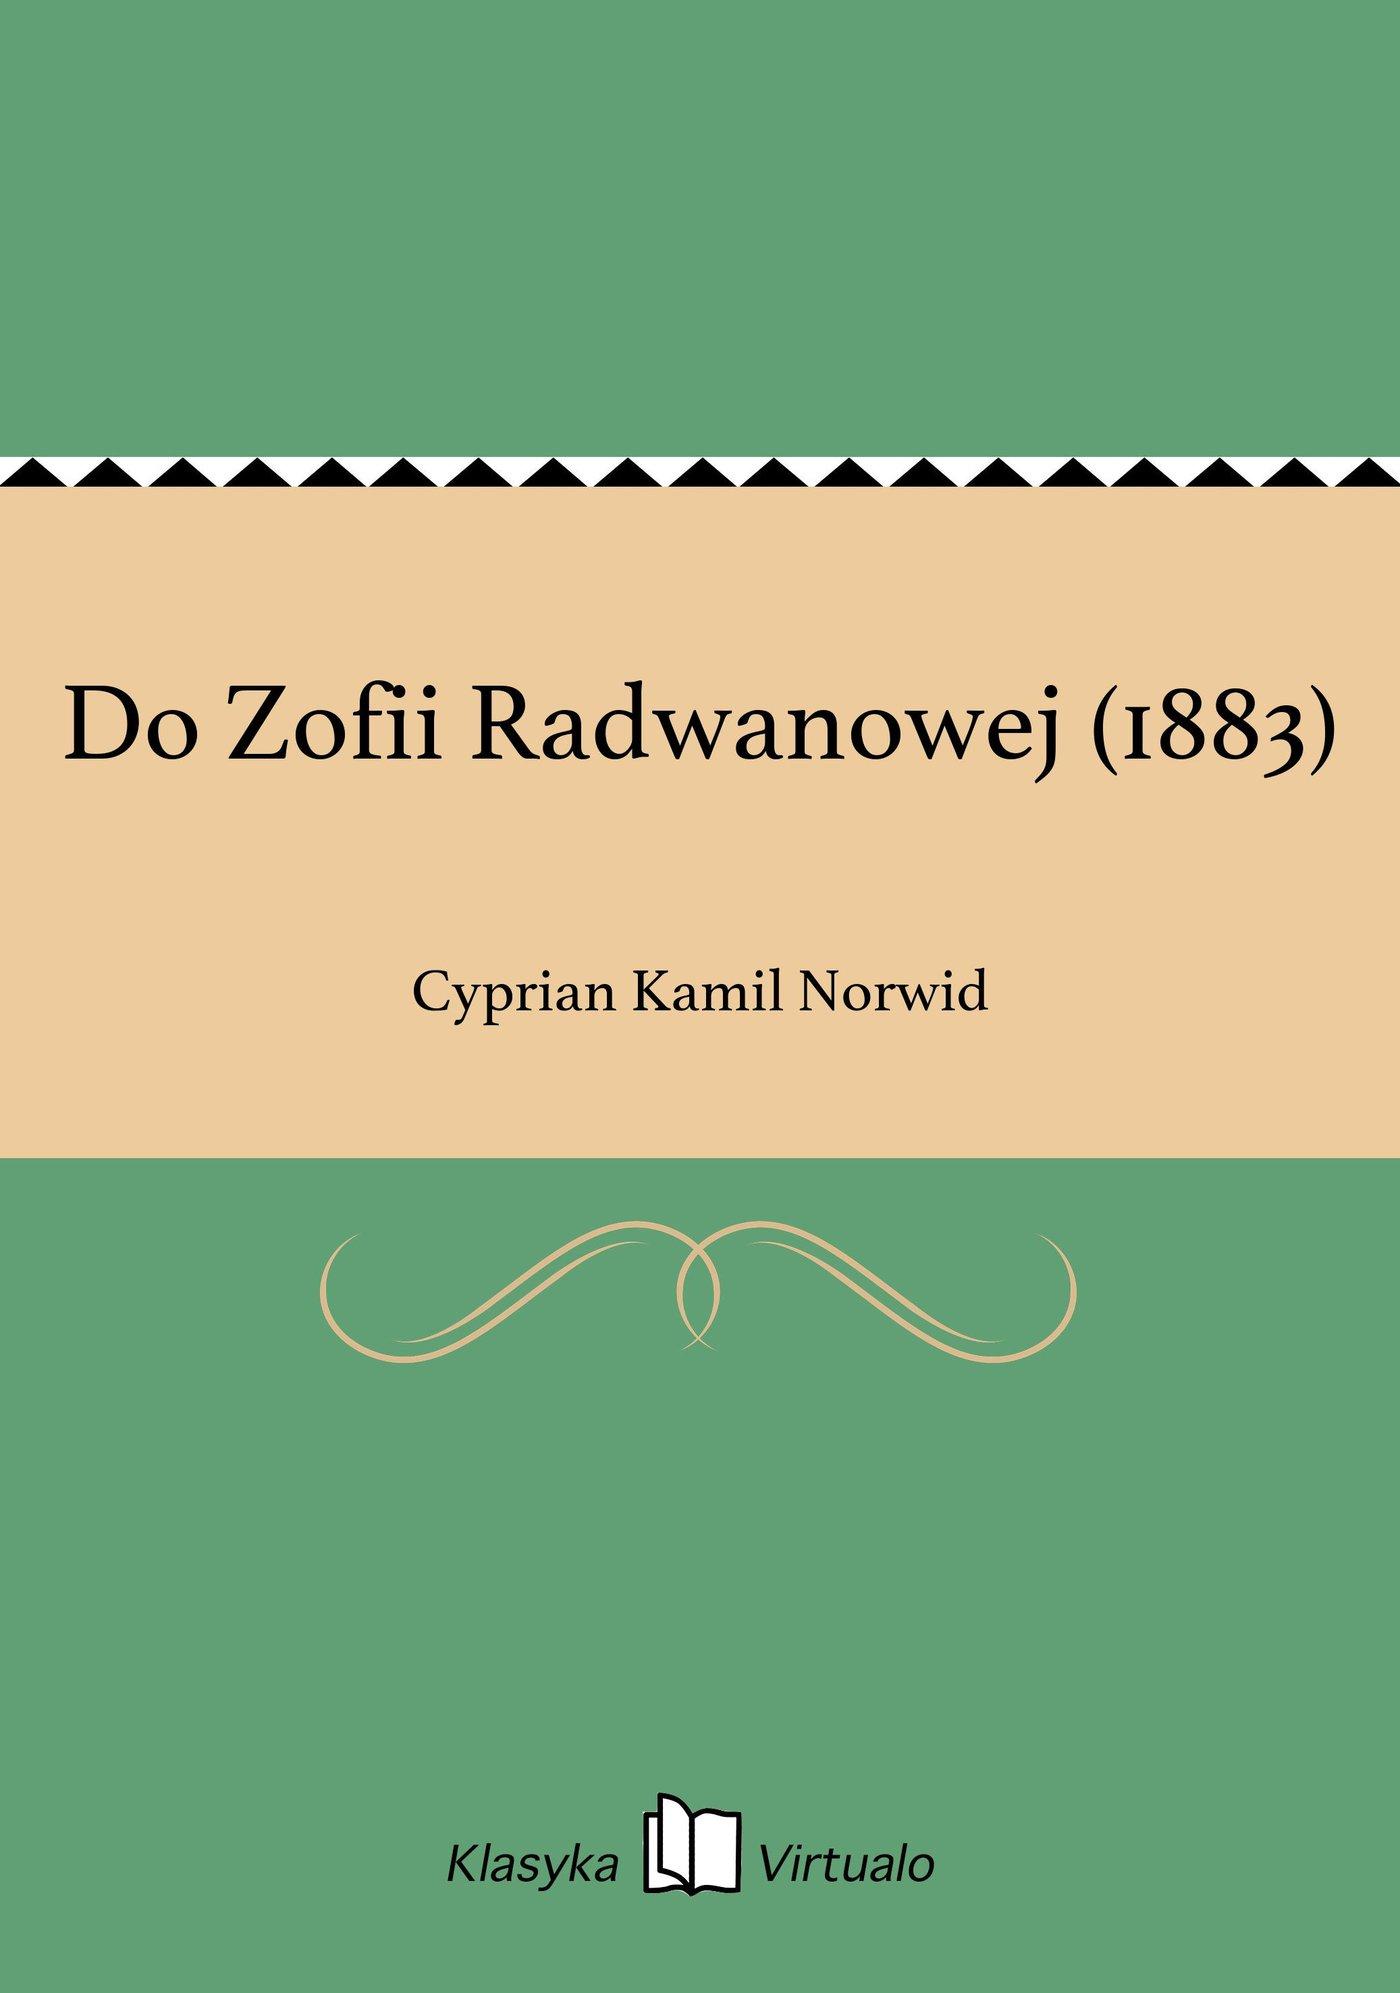 Do Zofii Radwanowej (1883) - Ebook (Książka na Kindle) do pobrania w formacie MOBI